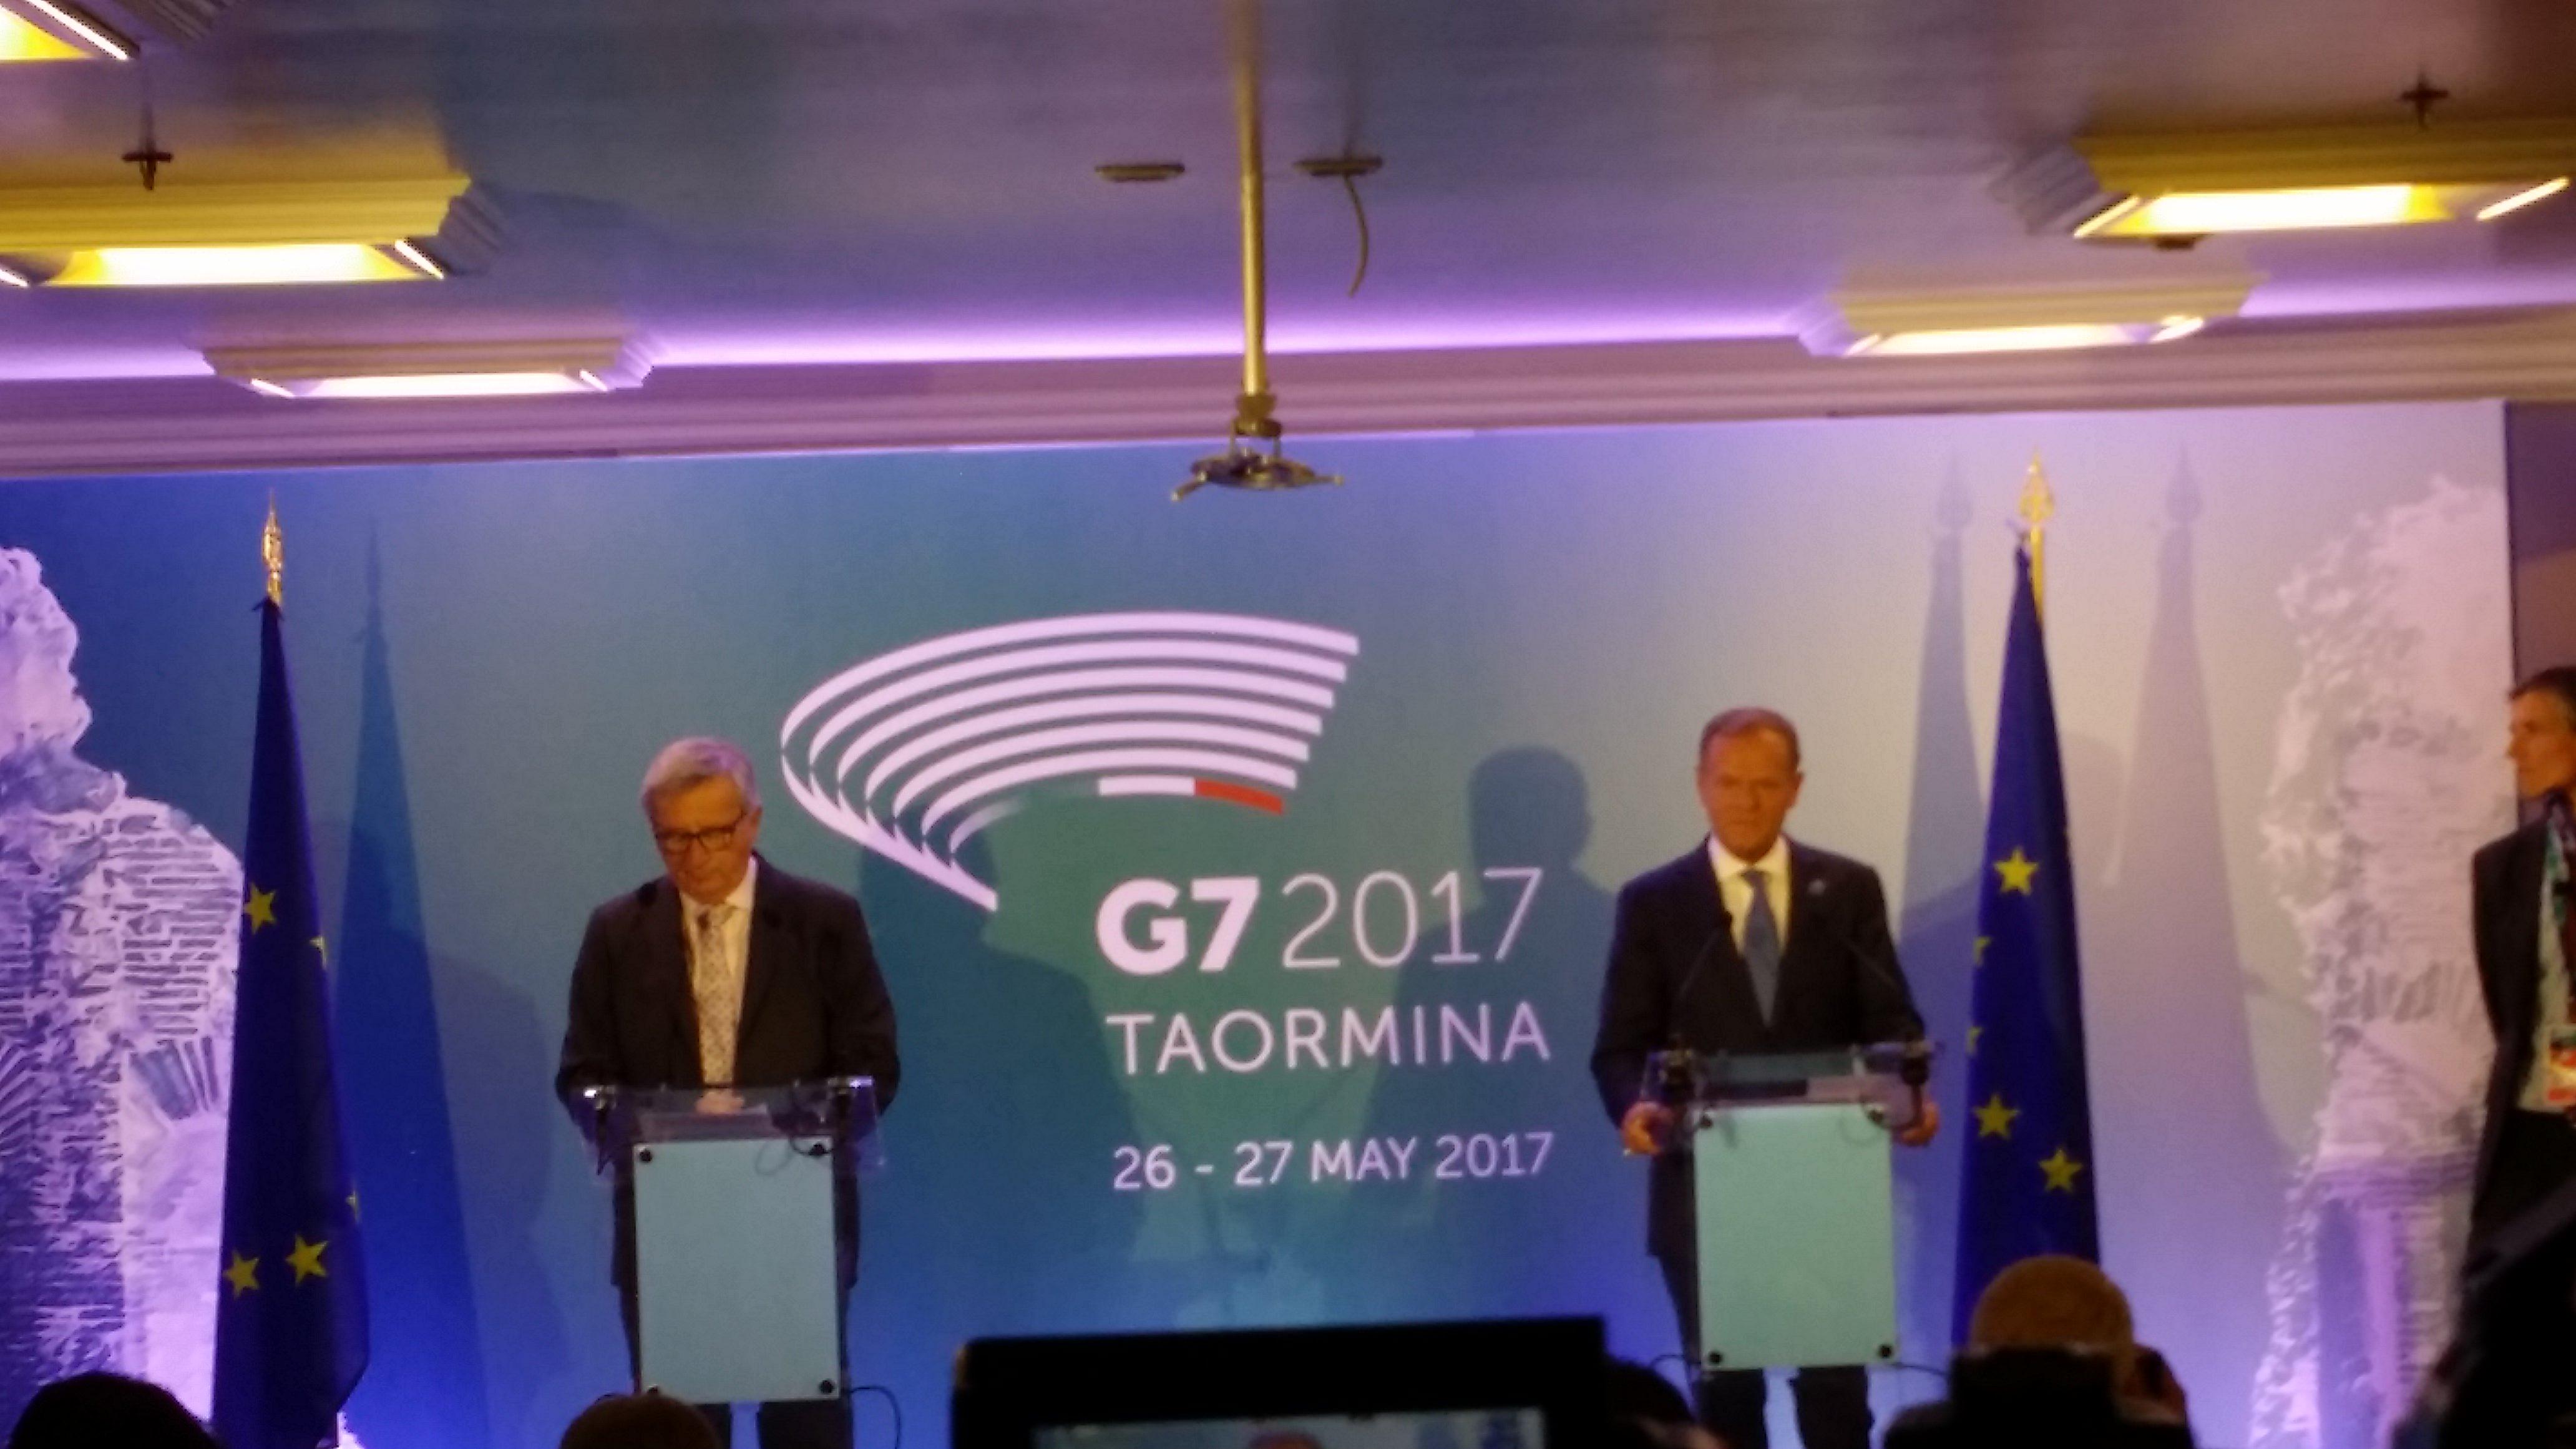 Si apre a Taormina il vertice G7 e non sarà una passeggiata fra leader